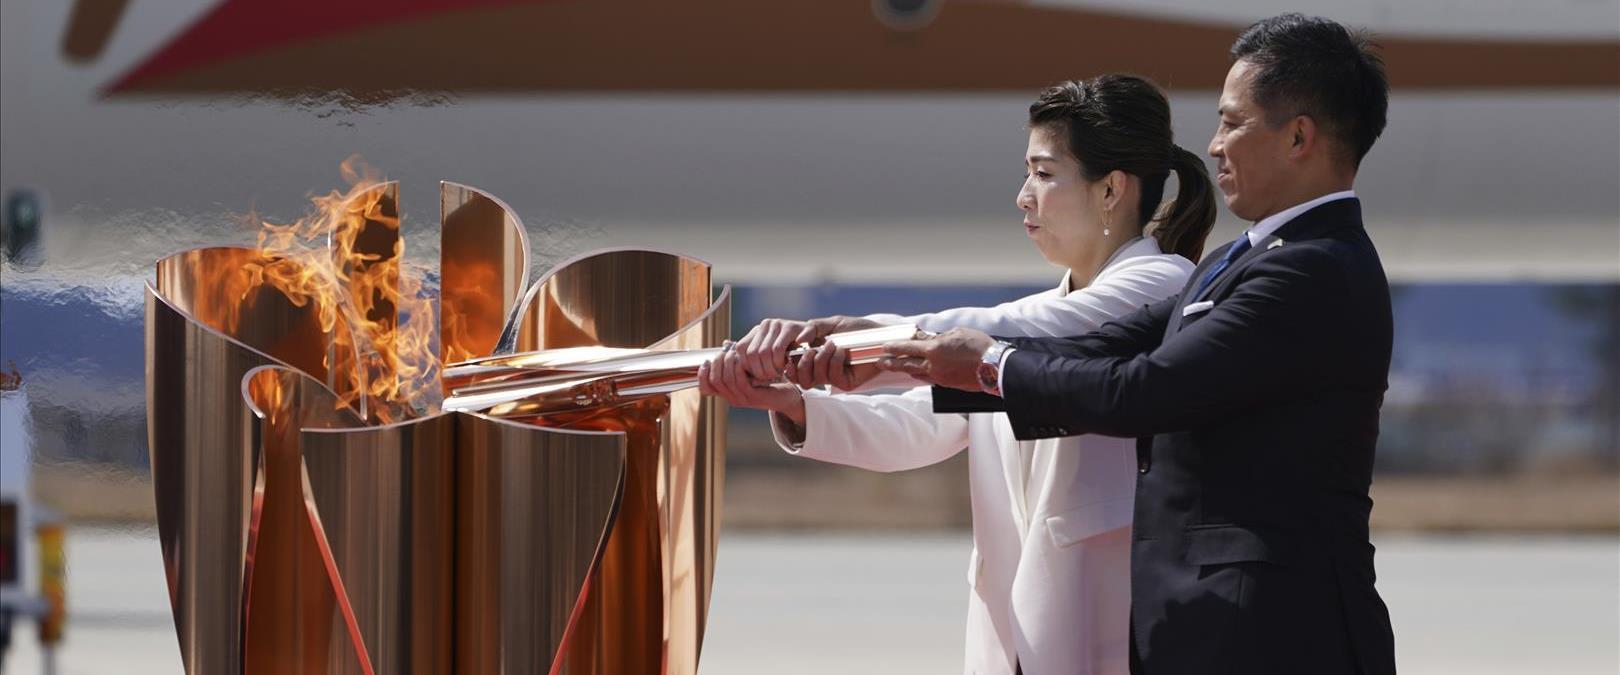 הדלקת הלפיד במהלך טקס הגעת הלהבה האולימפית בבסיס מ